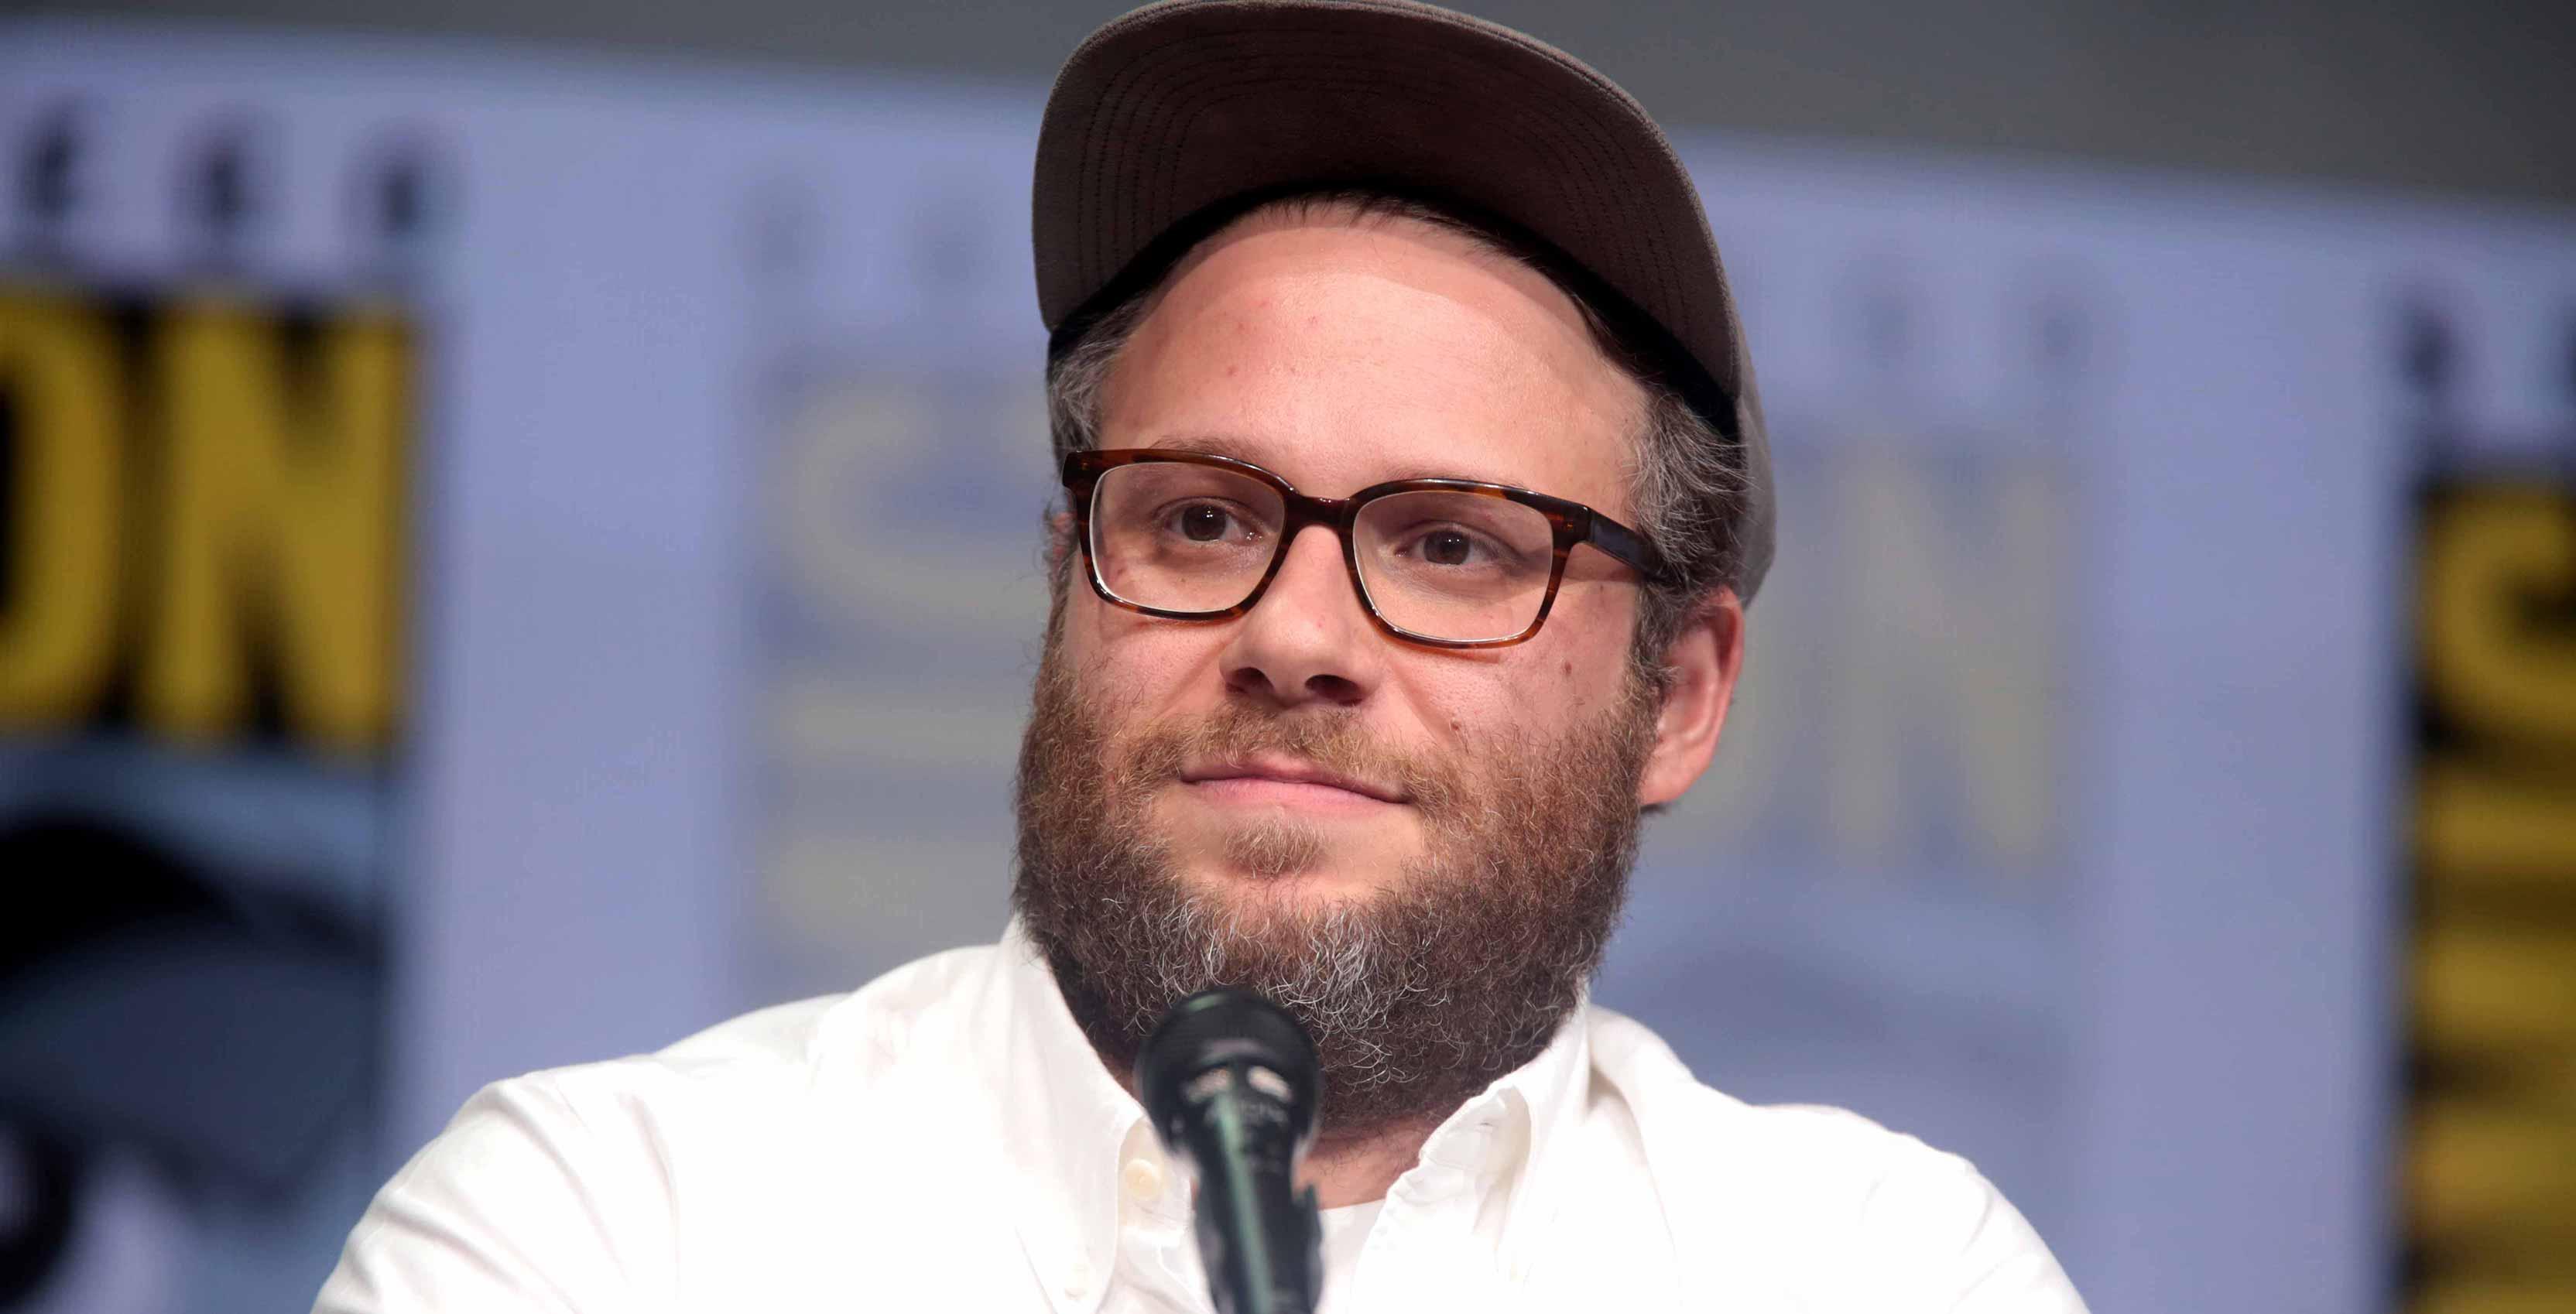 Seth Rogen at San Diego Comic-Con